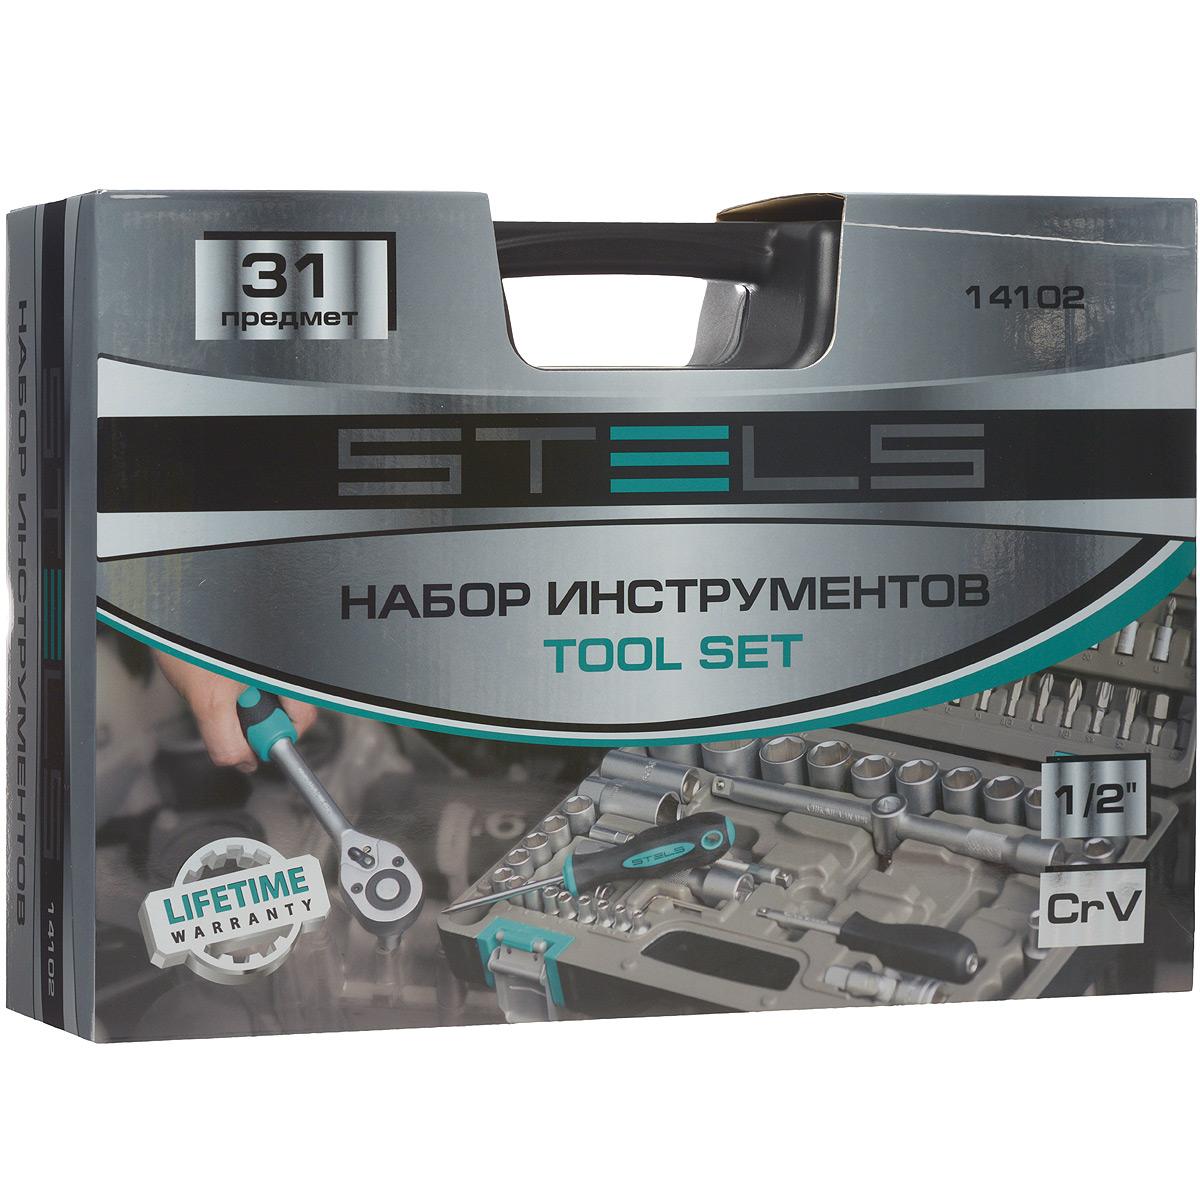 Набор инструментов Stels, 31 предметPsr 1440 li-2Набор инструментов торговой марки Stels разработан специально для автолюбителей и центров технического обслуживания. Каждый этап производства контролируется в соответствии с международными стандартами. Головки и комбинированные ключи изготовлены из хромованадиевой стали, придающей инструменту исключительную твердость в сочетании с легкостью. Набор упакован в кейс, изготовленный из жесткого противоударного пластика.Состав набора:Ключ трещоточный 1/2.Головки торцевые 1/2: 8 мм, 10 мм, 11 мм, 12 мм, 13 мм, 14 мм, 15 мм, 17 мм, 18 мм, 19 мм, 22 мм, 24 мм, 27 мм, 30 мм, 32 мм.Адаптер трехсторонний 1/2.Удлинители 1/2: 125 мм, 250 мм.Головки свечные 1/2: 16 мм, 21 мм.Ключи комбинированные: 8 мм, 9 мм. 10 мм, 11 мм, 12 мм, 13 мм, 14 мм, 17 мм, 18 мм, 19 мм.